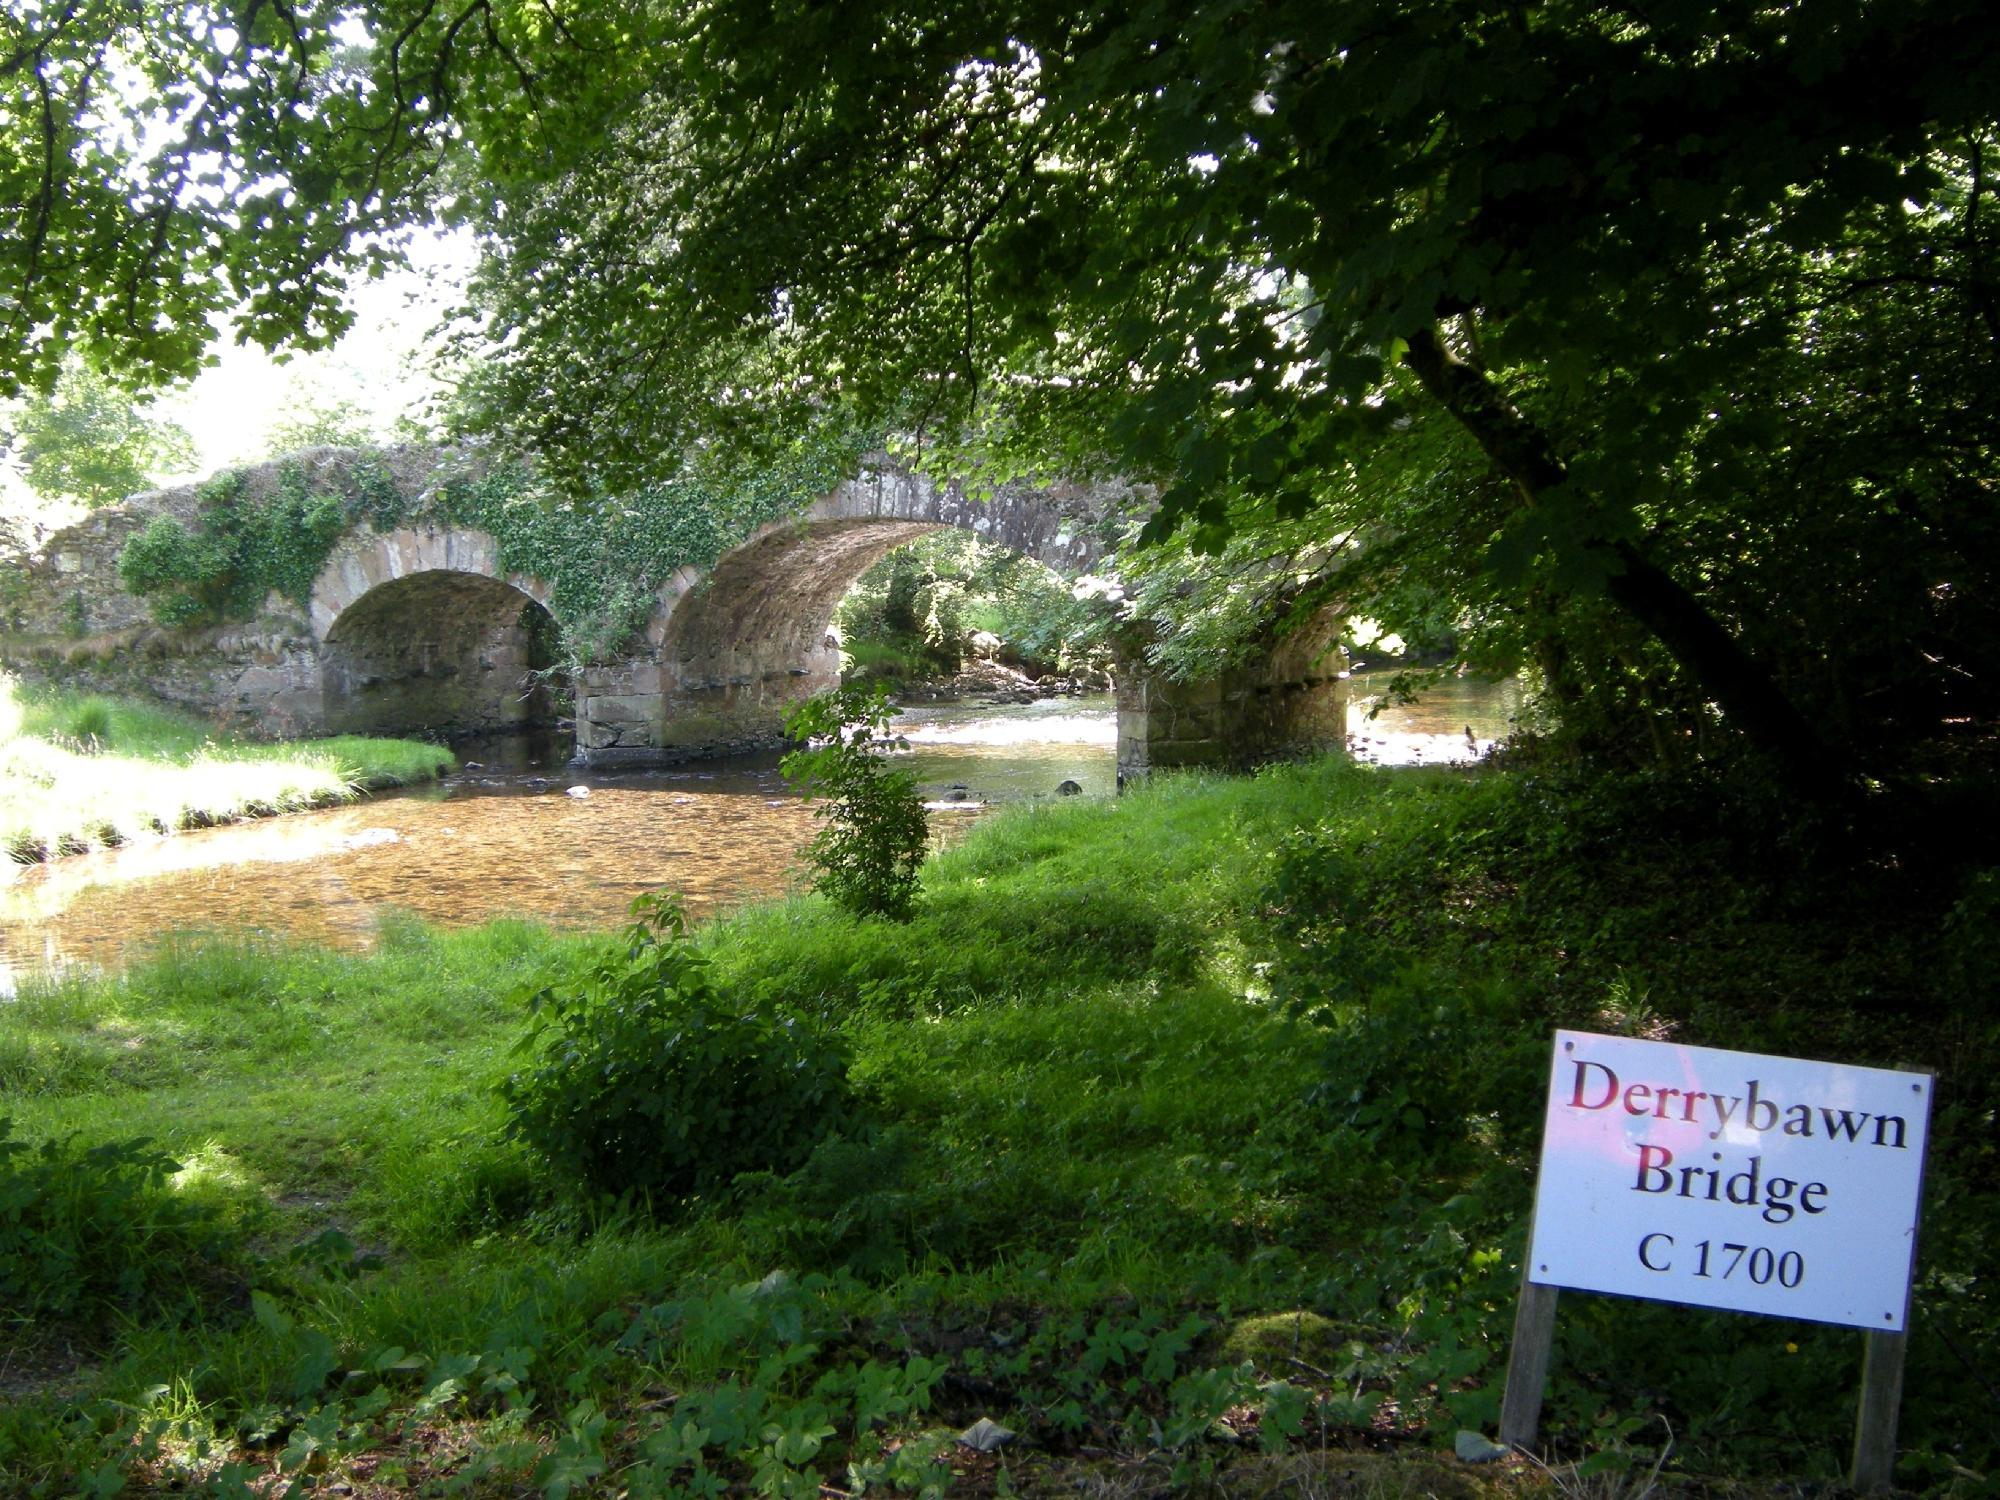 Derrybown Bridge, Wicklow